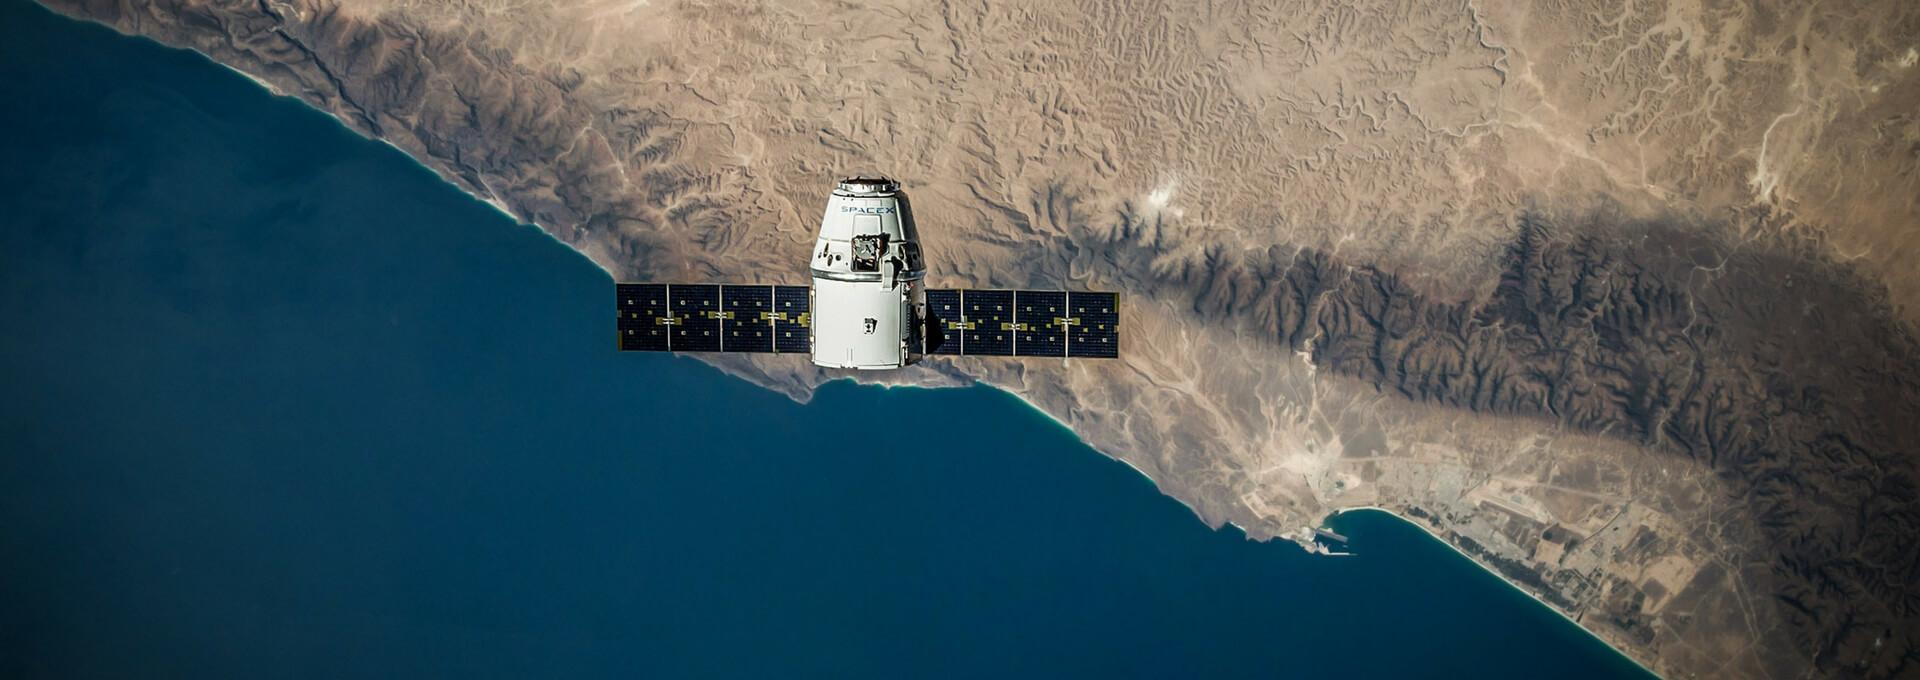 technologia i technologie kosmiczna w polsce, jak zbudować satelitę, elon musk, spacex, styl życia z worldmaster